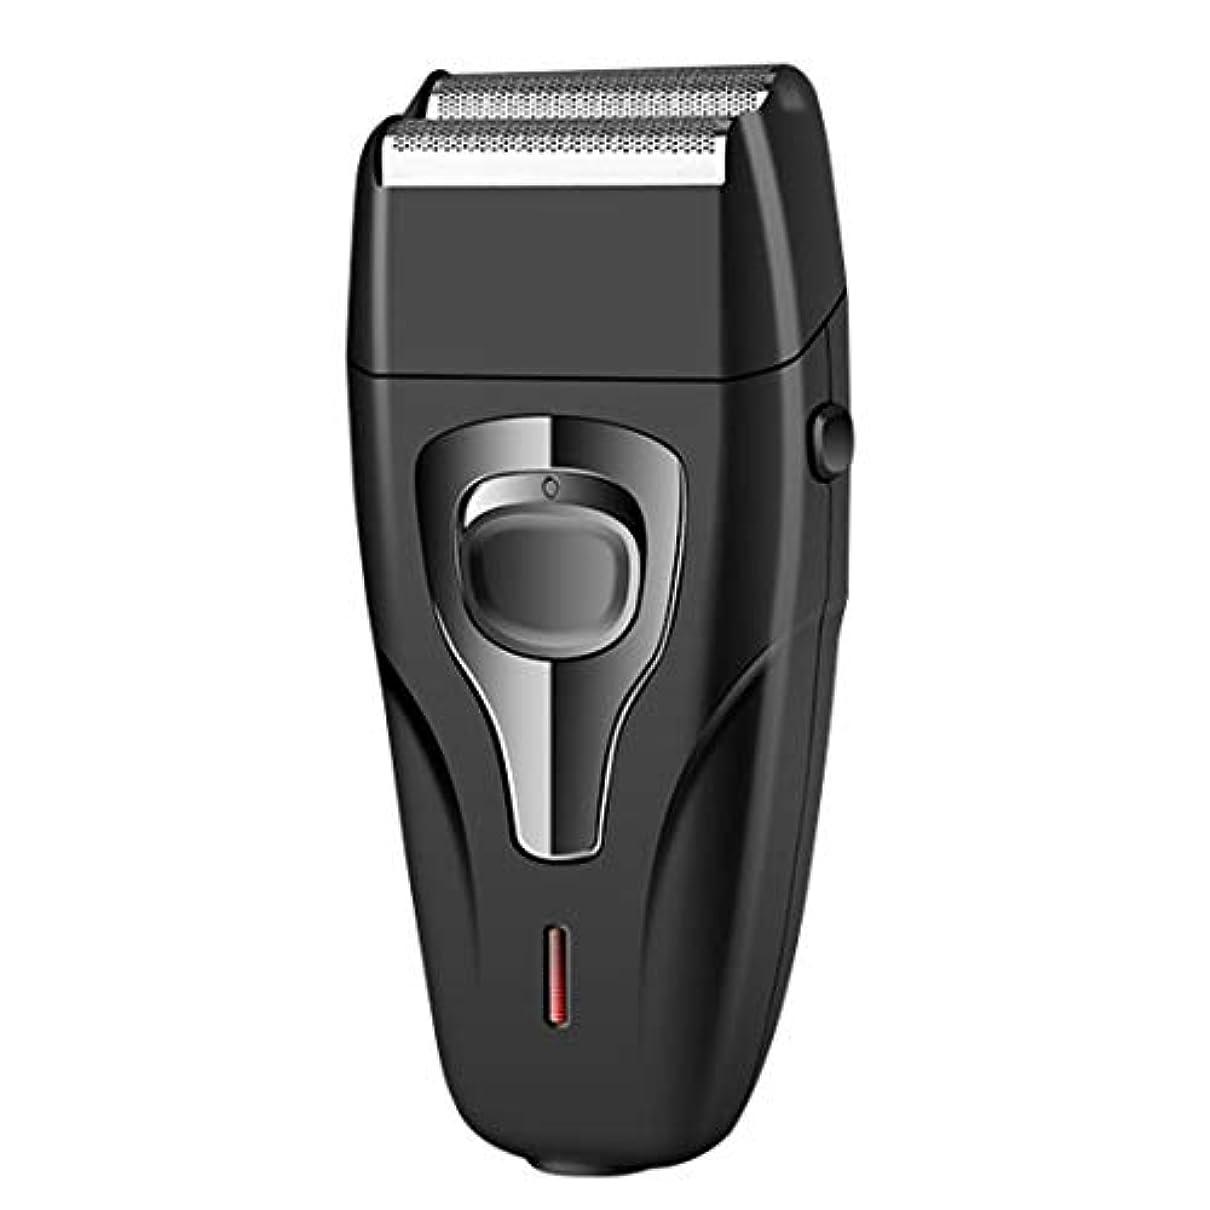 指足地下室充電式電気シェーバー用男性ツインブレード往復かみそりフェイスケア多機能髪ひげトリマー理容ツール